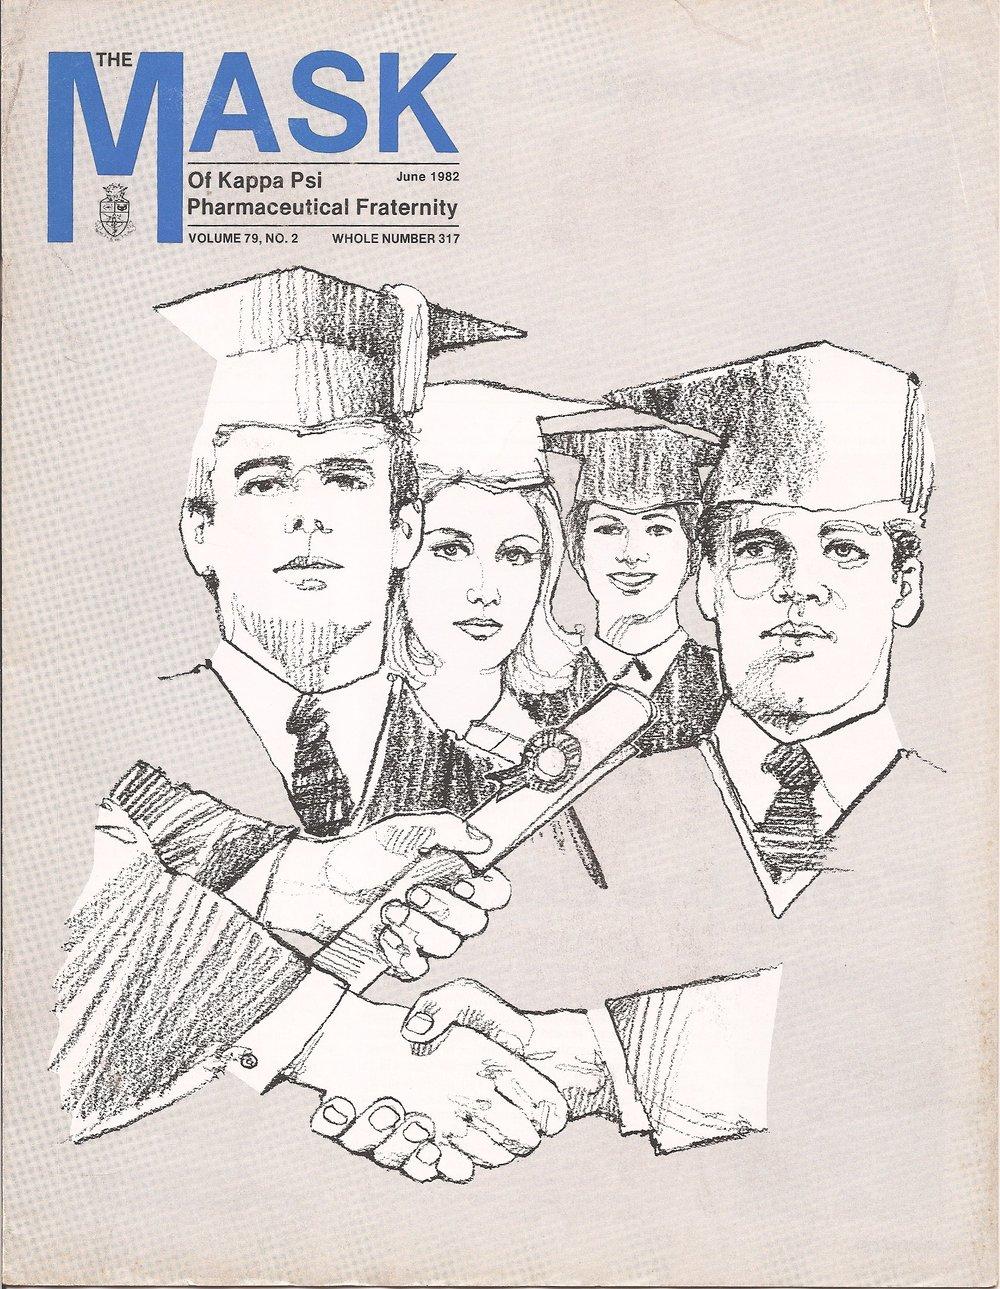 mask_cover_06_1982.jpg